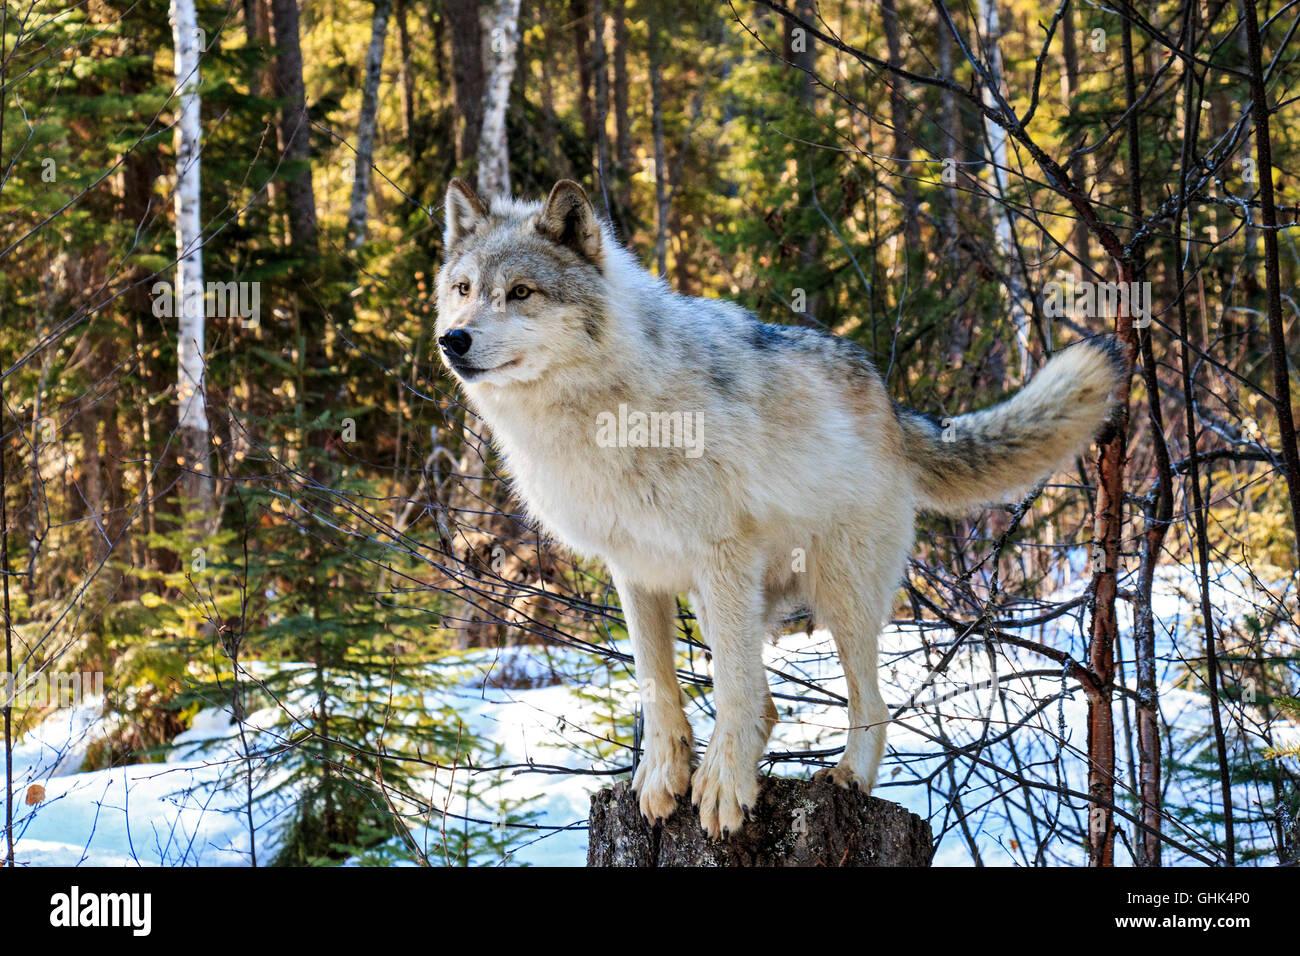 Los lobos caminar con los visitantes durante una visita guiada a pie de lobo en el bosque y jugar en la nieve cerca Imagen De Stock